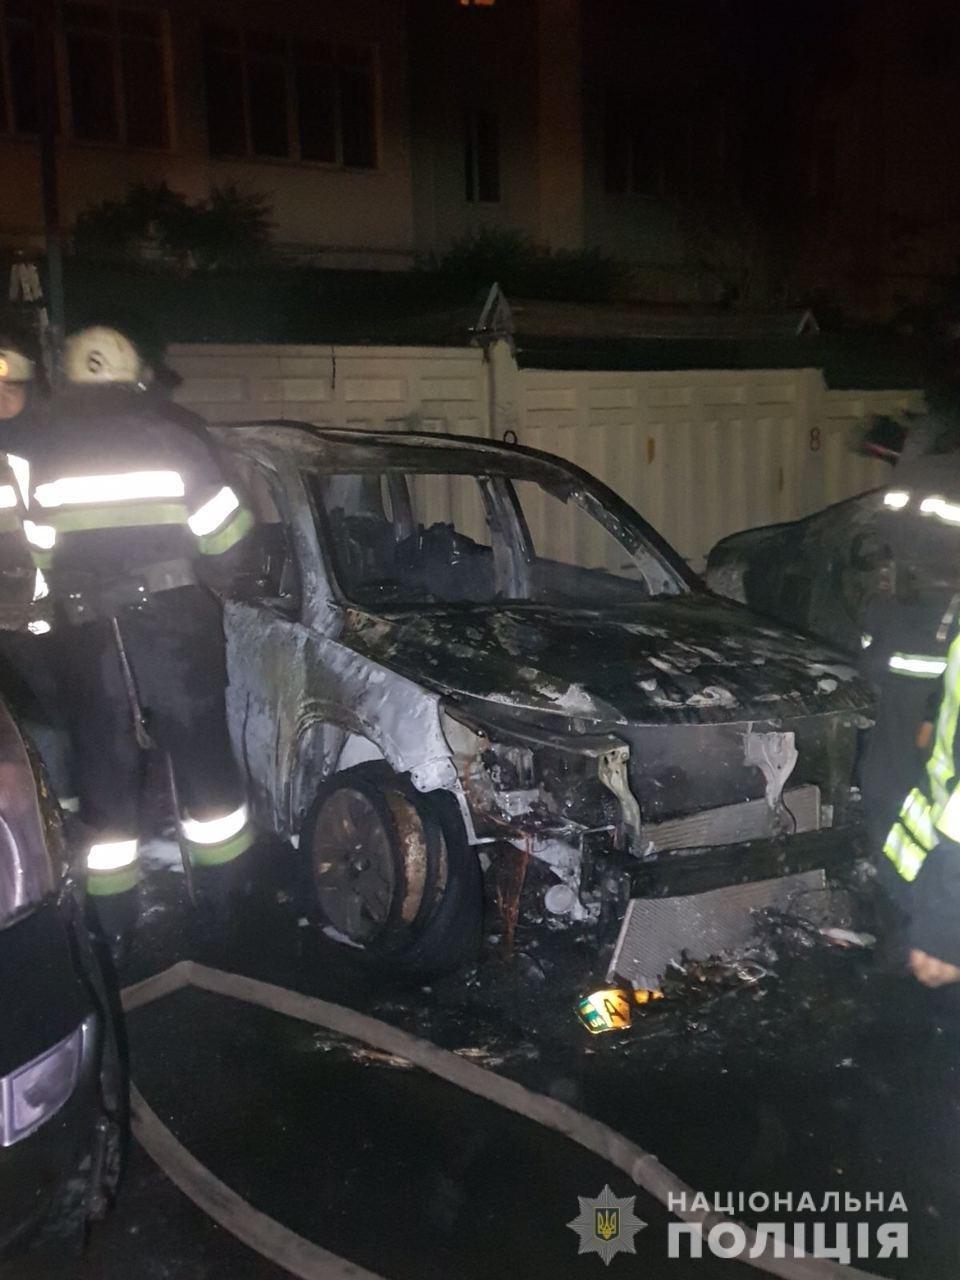 Сгоревшие авто возле охраняемой парковки в Харькове: в полиции рассказали подробности, - ФОТО, фото-1